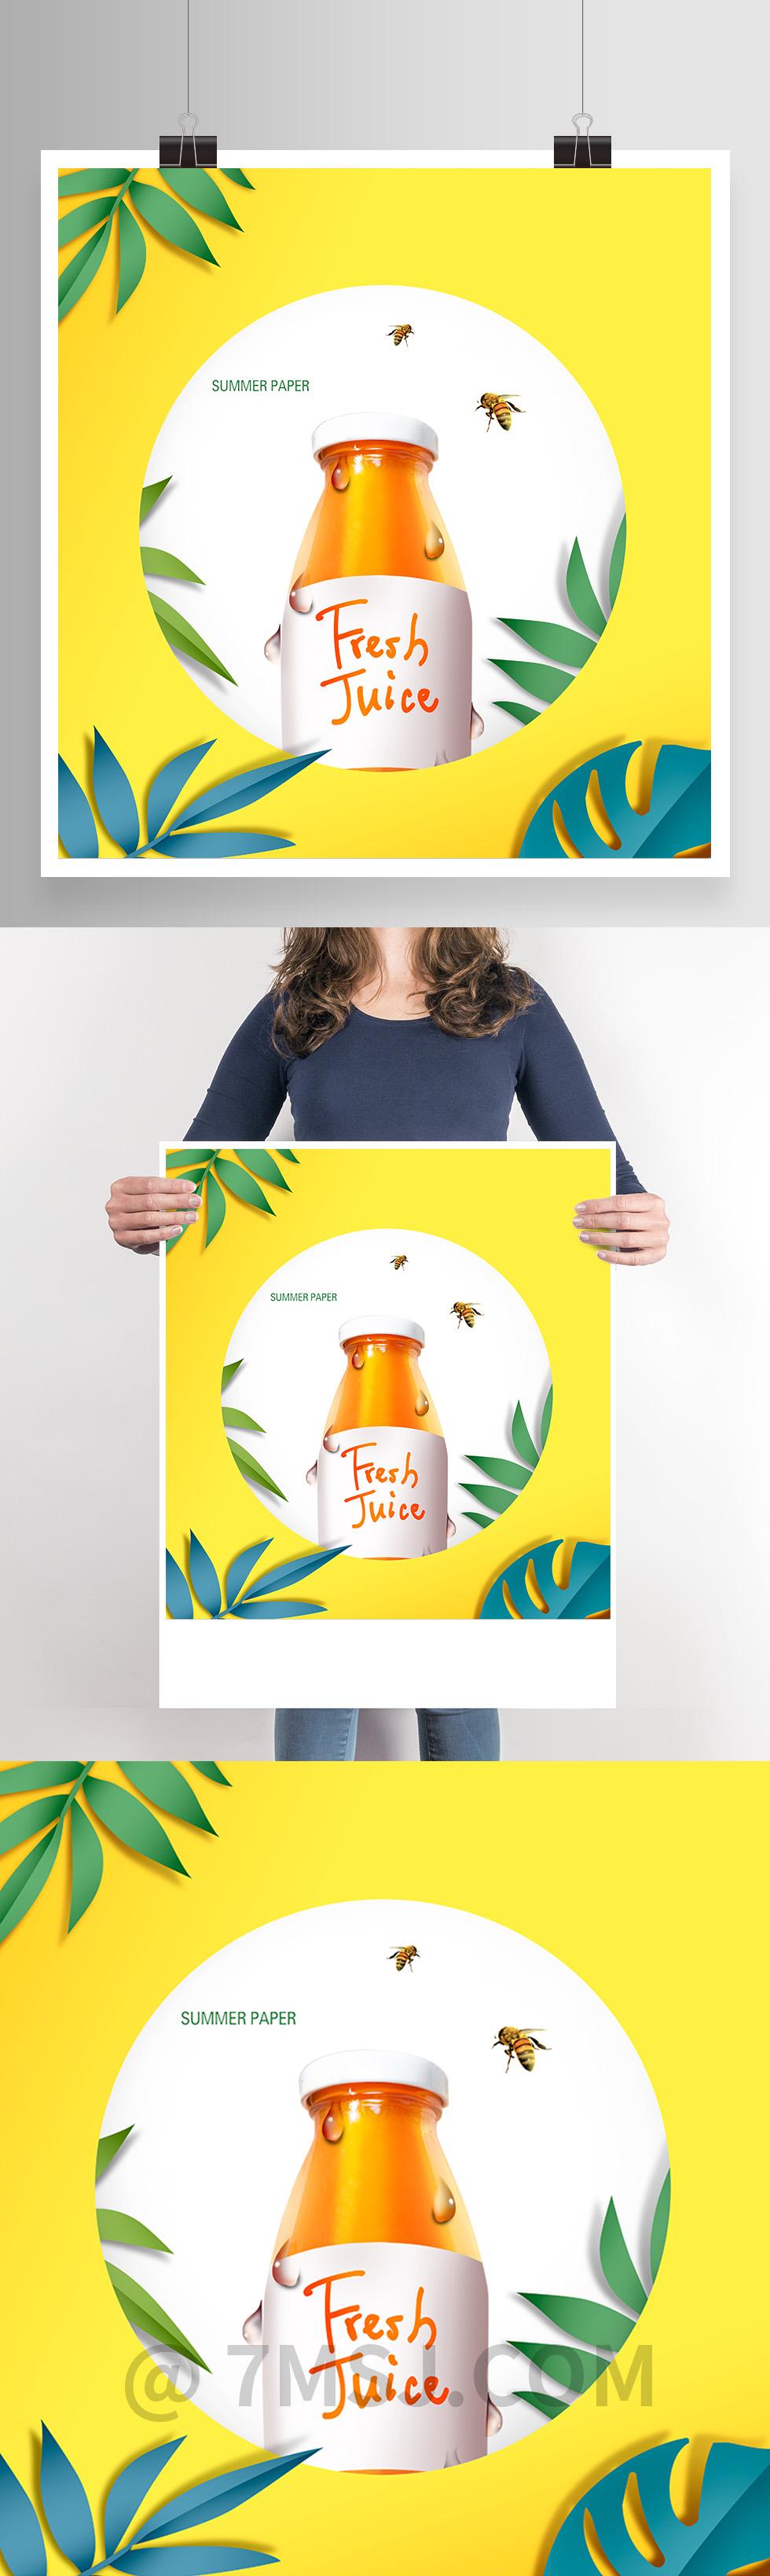 简约小清新饮料蜂蜜食品促销海报素材psd